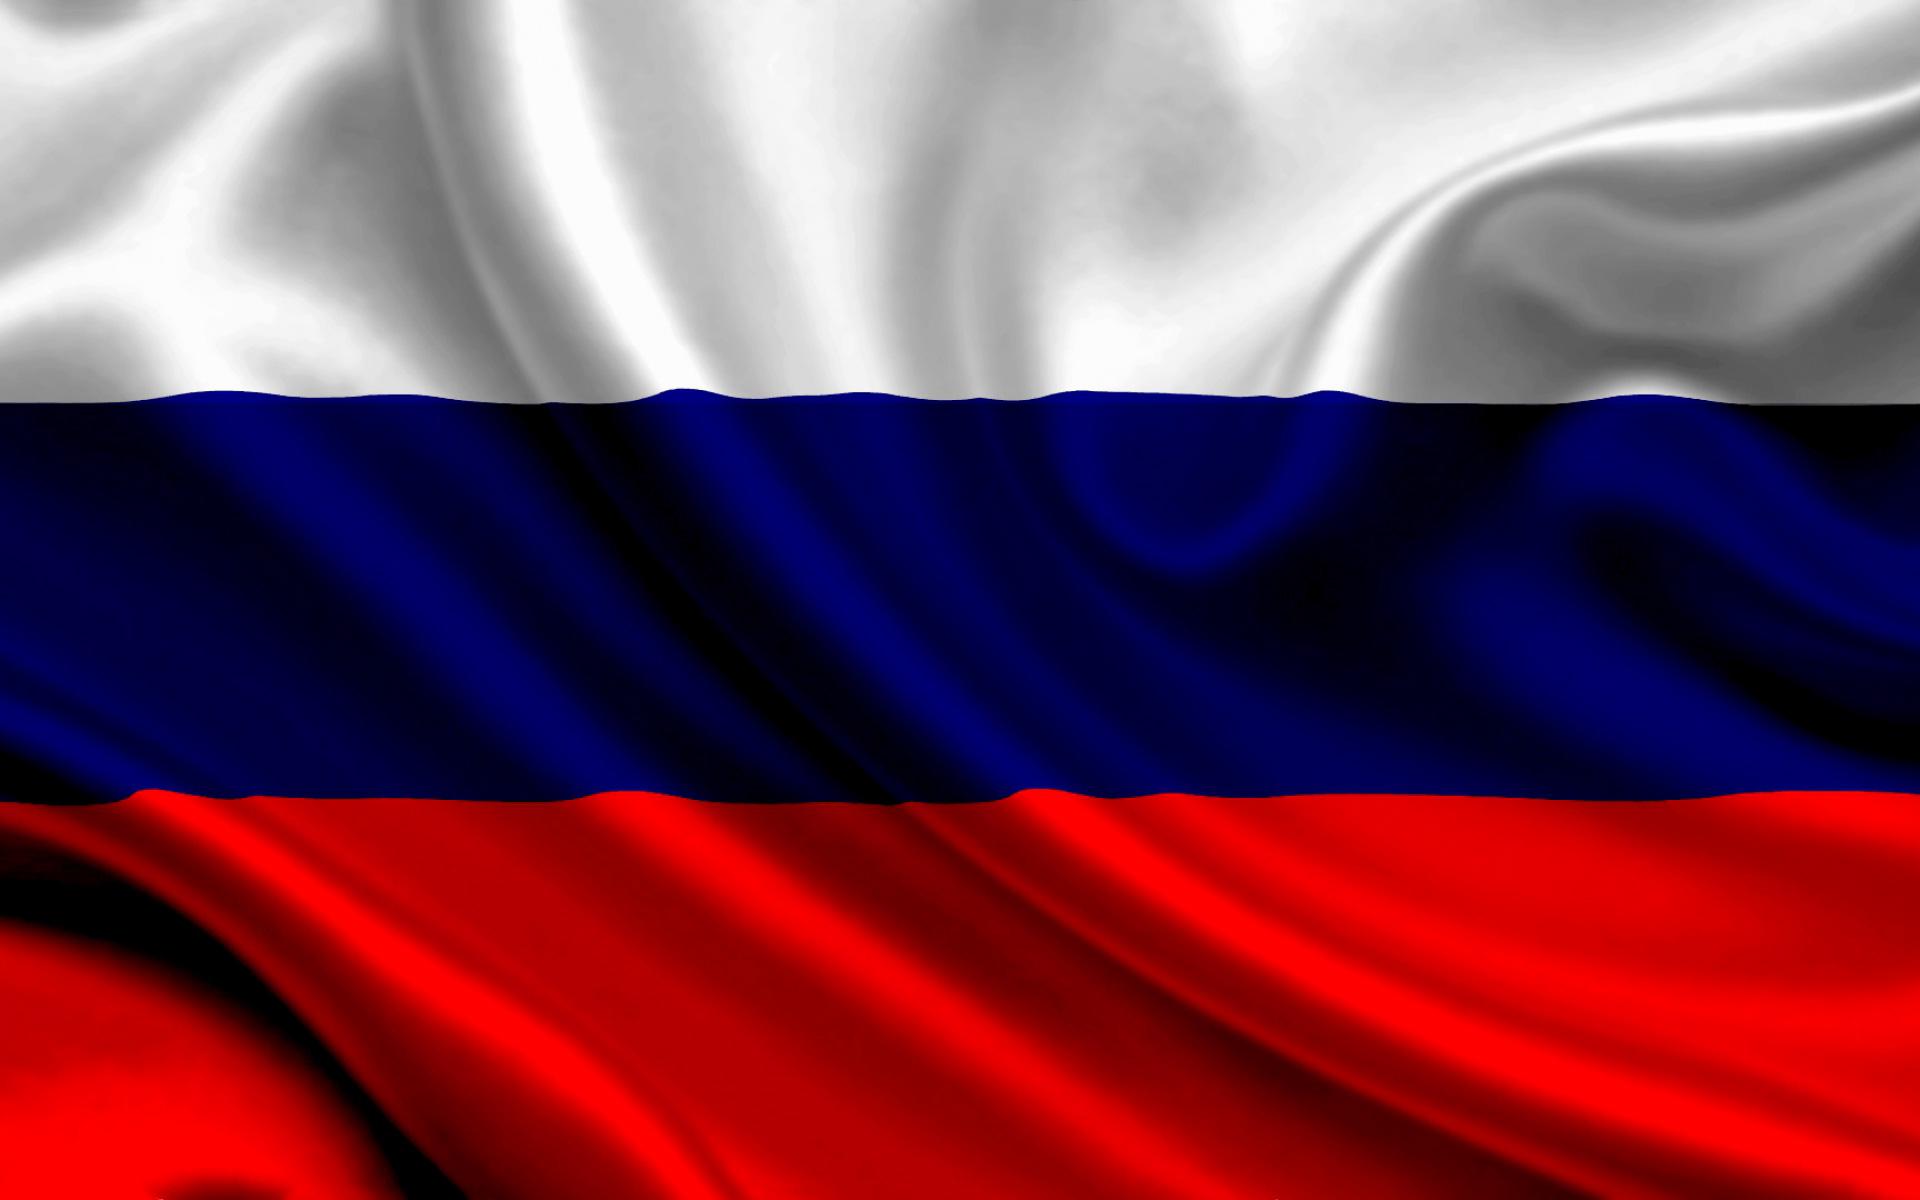 Próximas reuniones en Moscú, Rusia (Primeros bautismos en agua) – Noviembre 2015